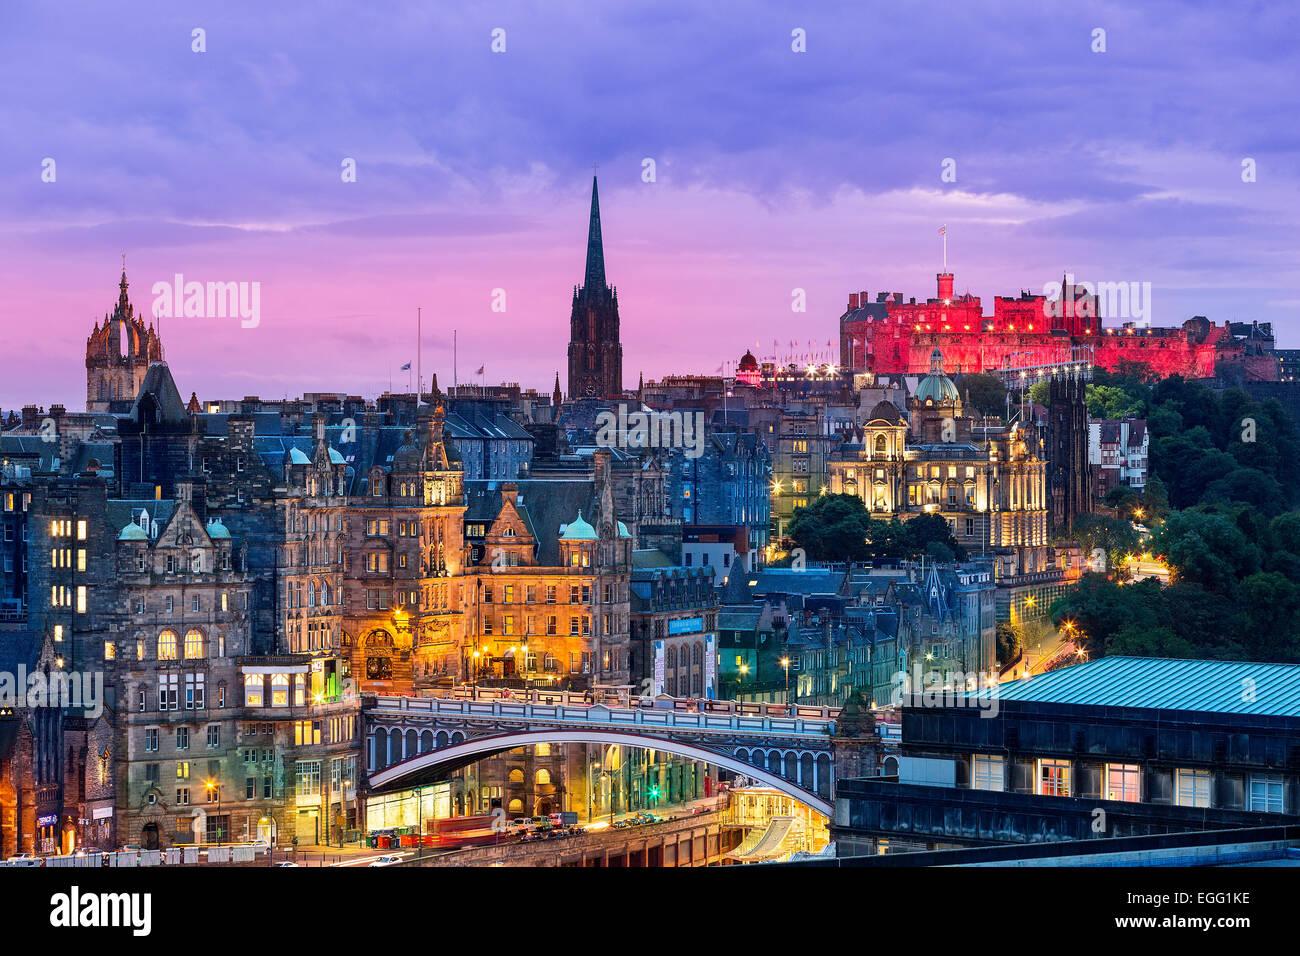 L'Edinburgh skyline avec le château d'Édimbourg à l'arrière-plan. Photographié Photo Stock